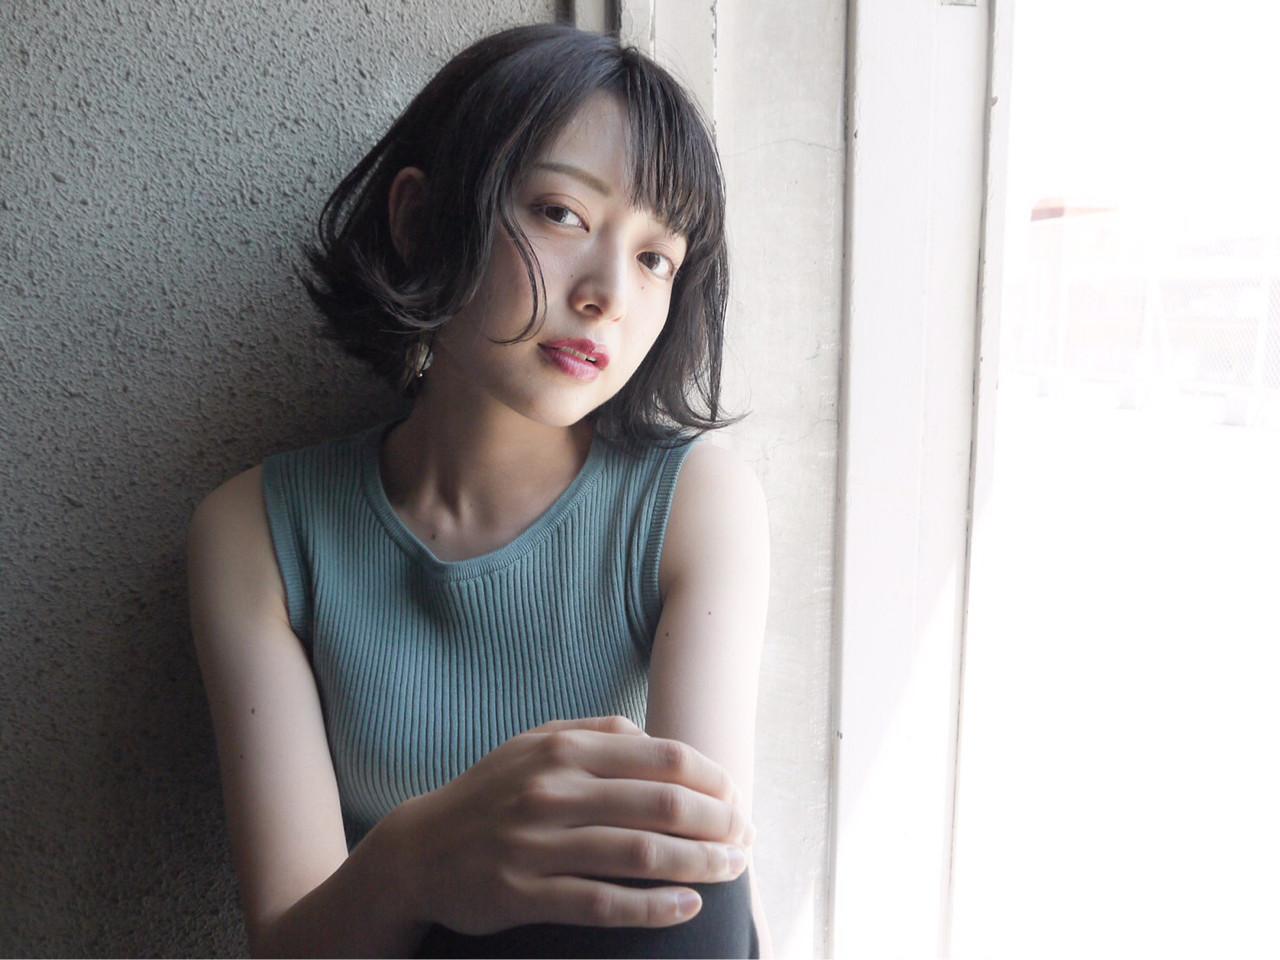 ナチュラル グレージュ 大人かわいい モテ髪 ヘアスタイルや髪型の写真・画像 | HIROKI / roijir / roijir